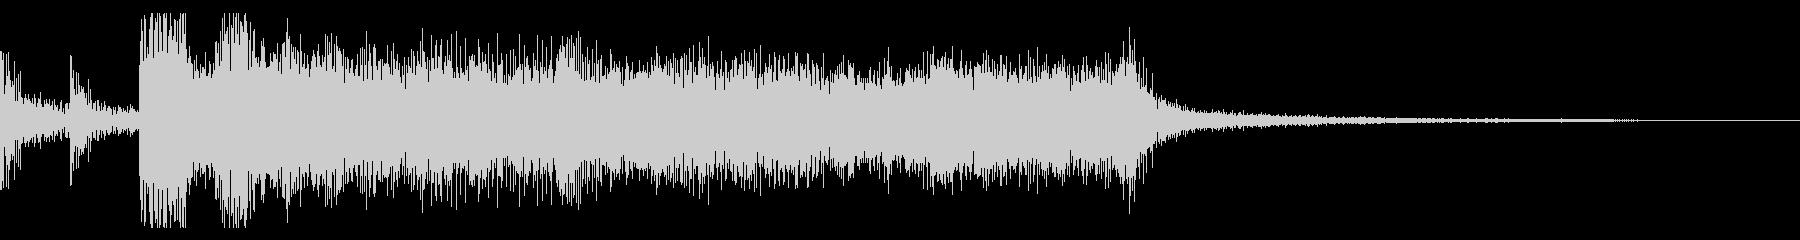 結果発表のファンファーレの未再生の波形